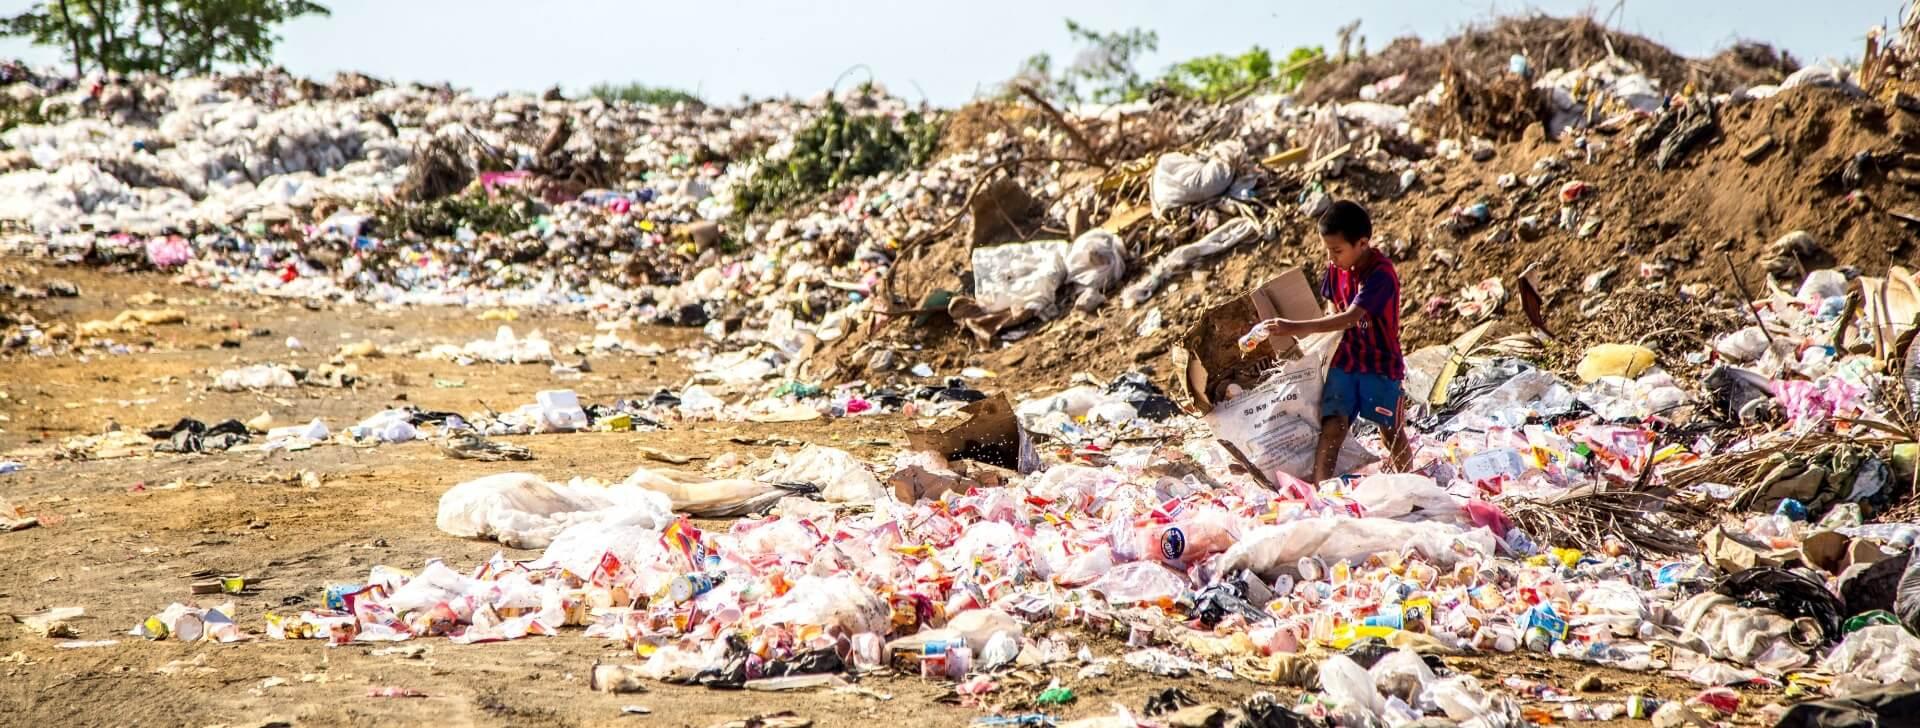 tema-lixo-e-a-sociedade-brasileira